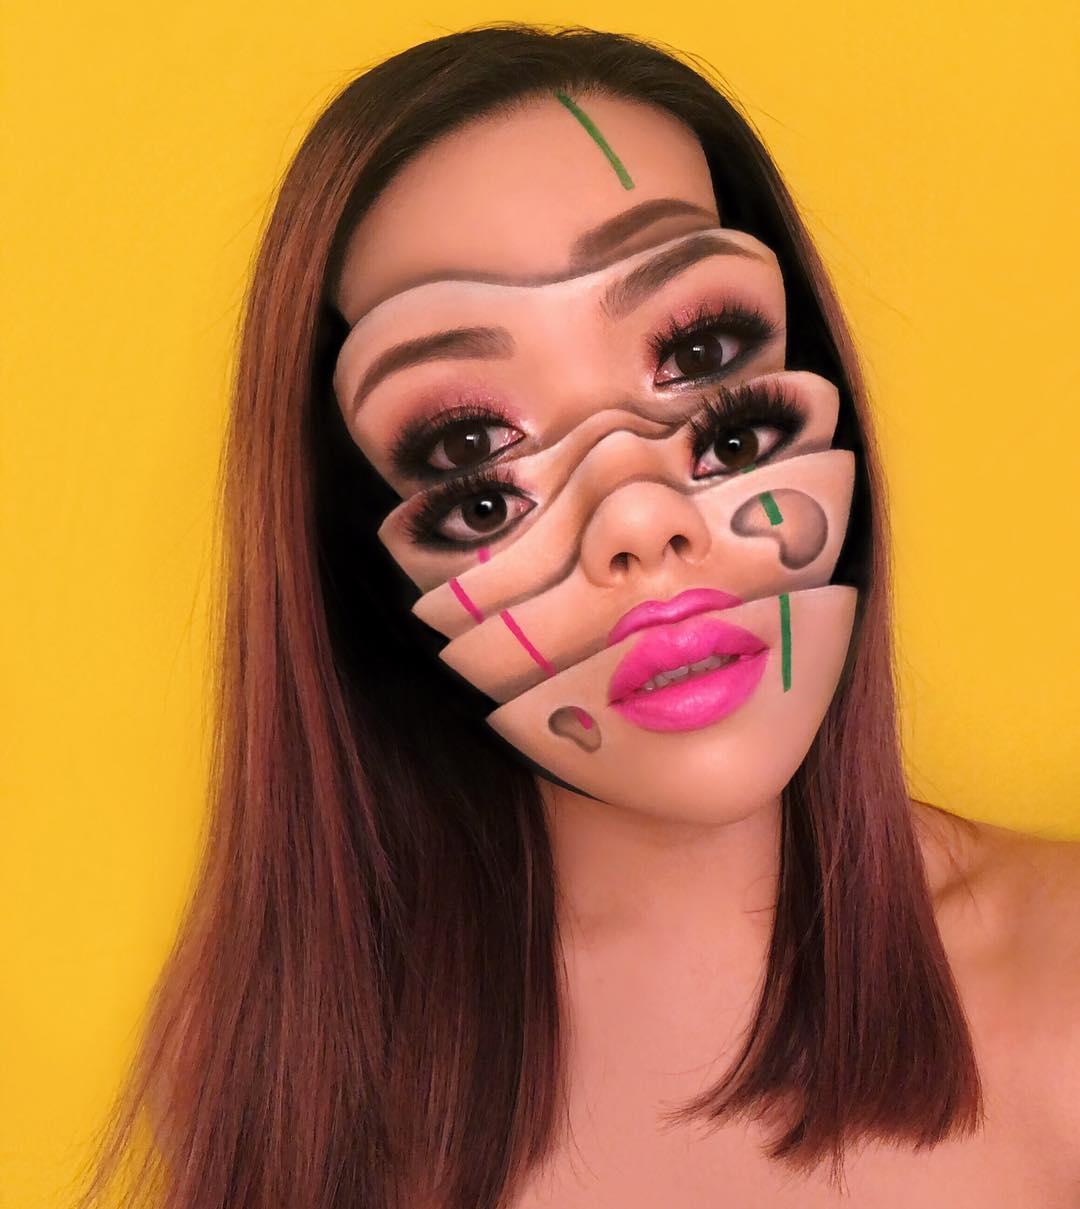 Визажист из Канады создает жутко красивый макияж, от которого невозможно отвести взгляд